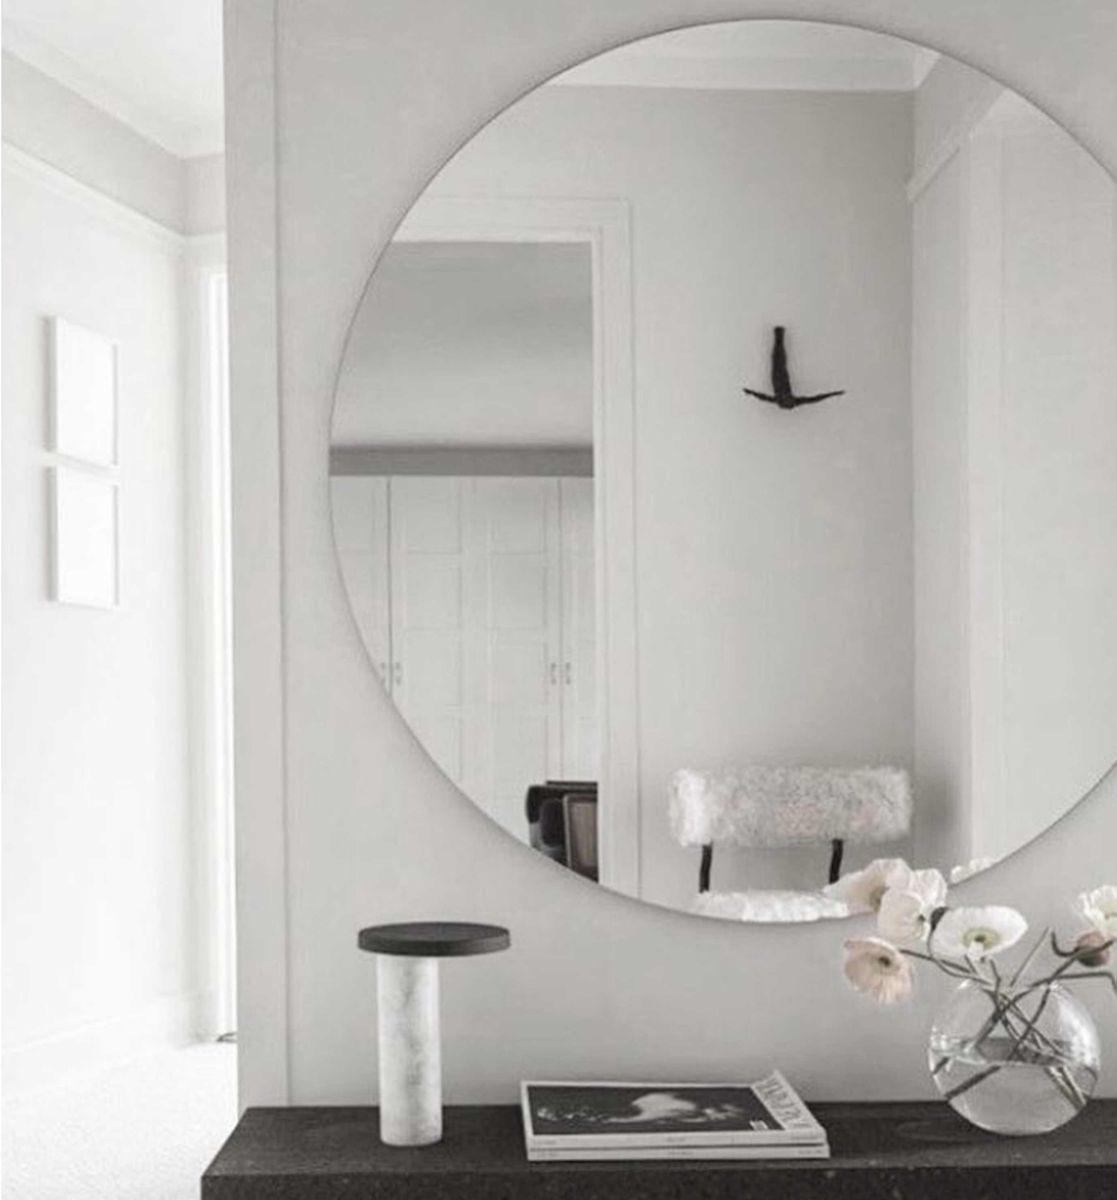 groer spiegel ohne rahmen trendy groer spiegel mit rahmen. Black Bedroom Furniture Sets. Home Design Ideas